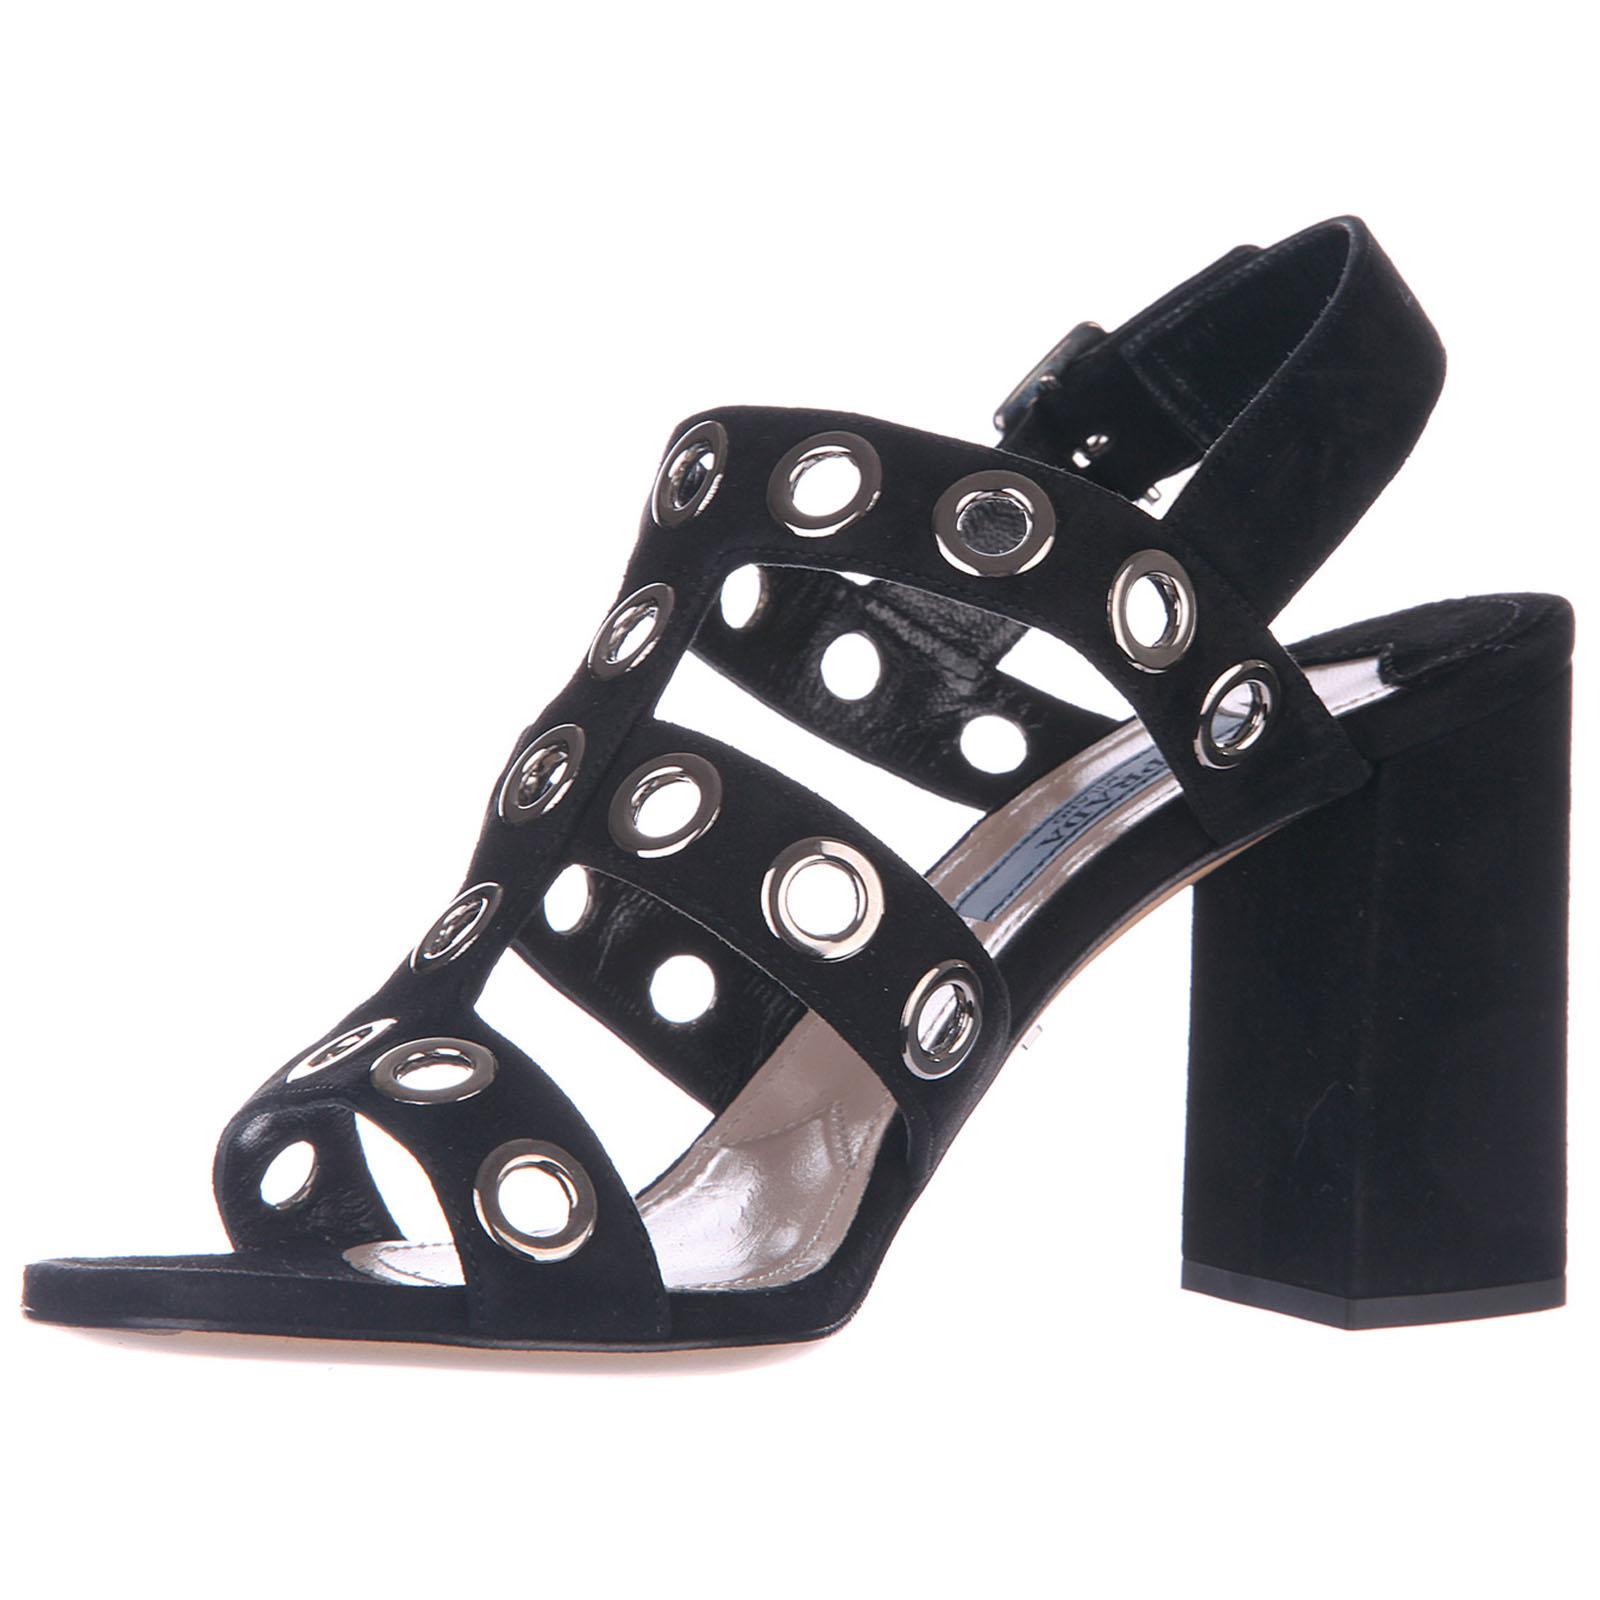 Damen wildleder sandalen mit absatz sandaletten